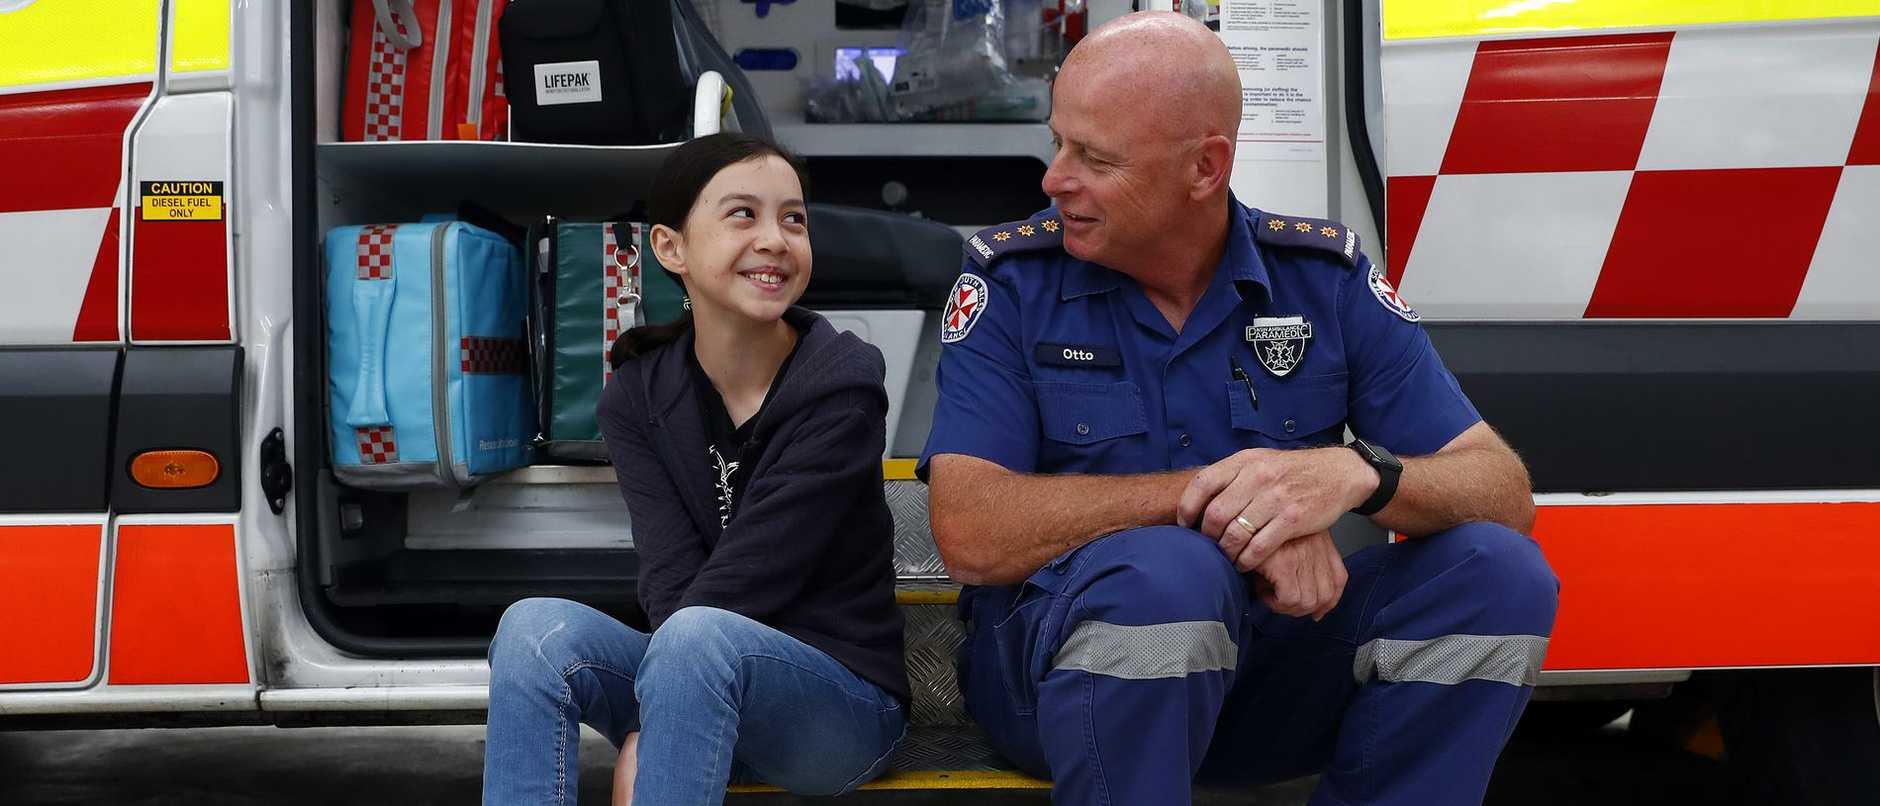 Kaitlyn Hunt, 10, Suffered a Cardiac Arrest